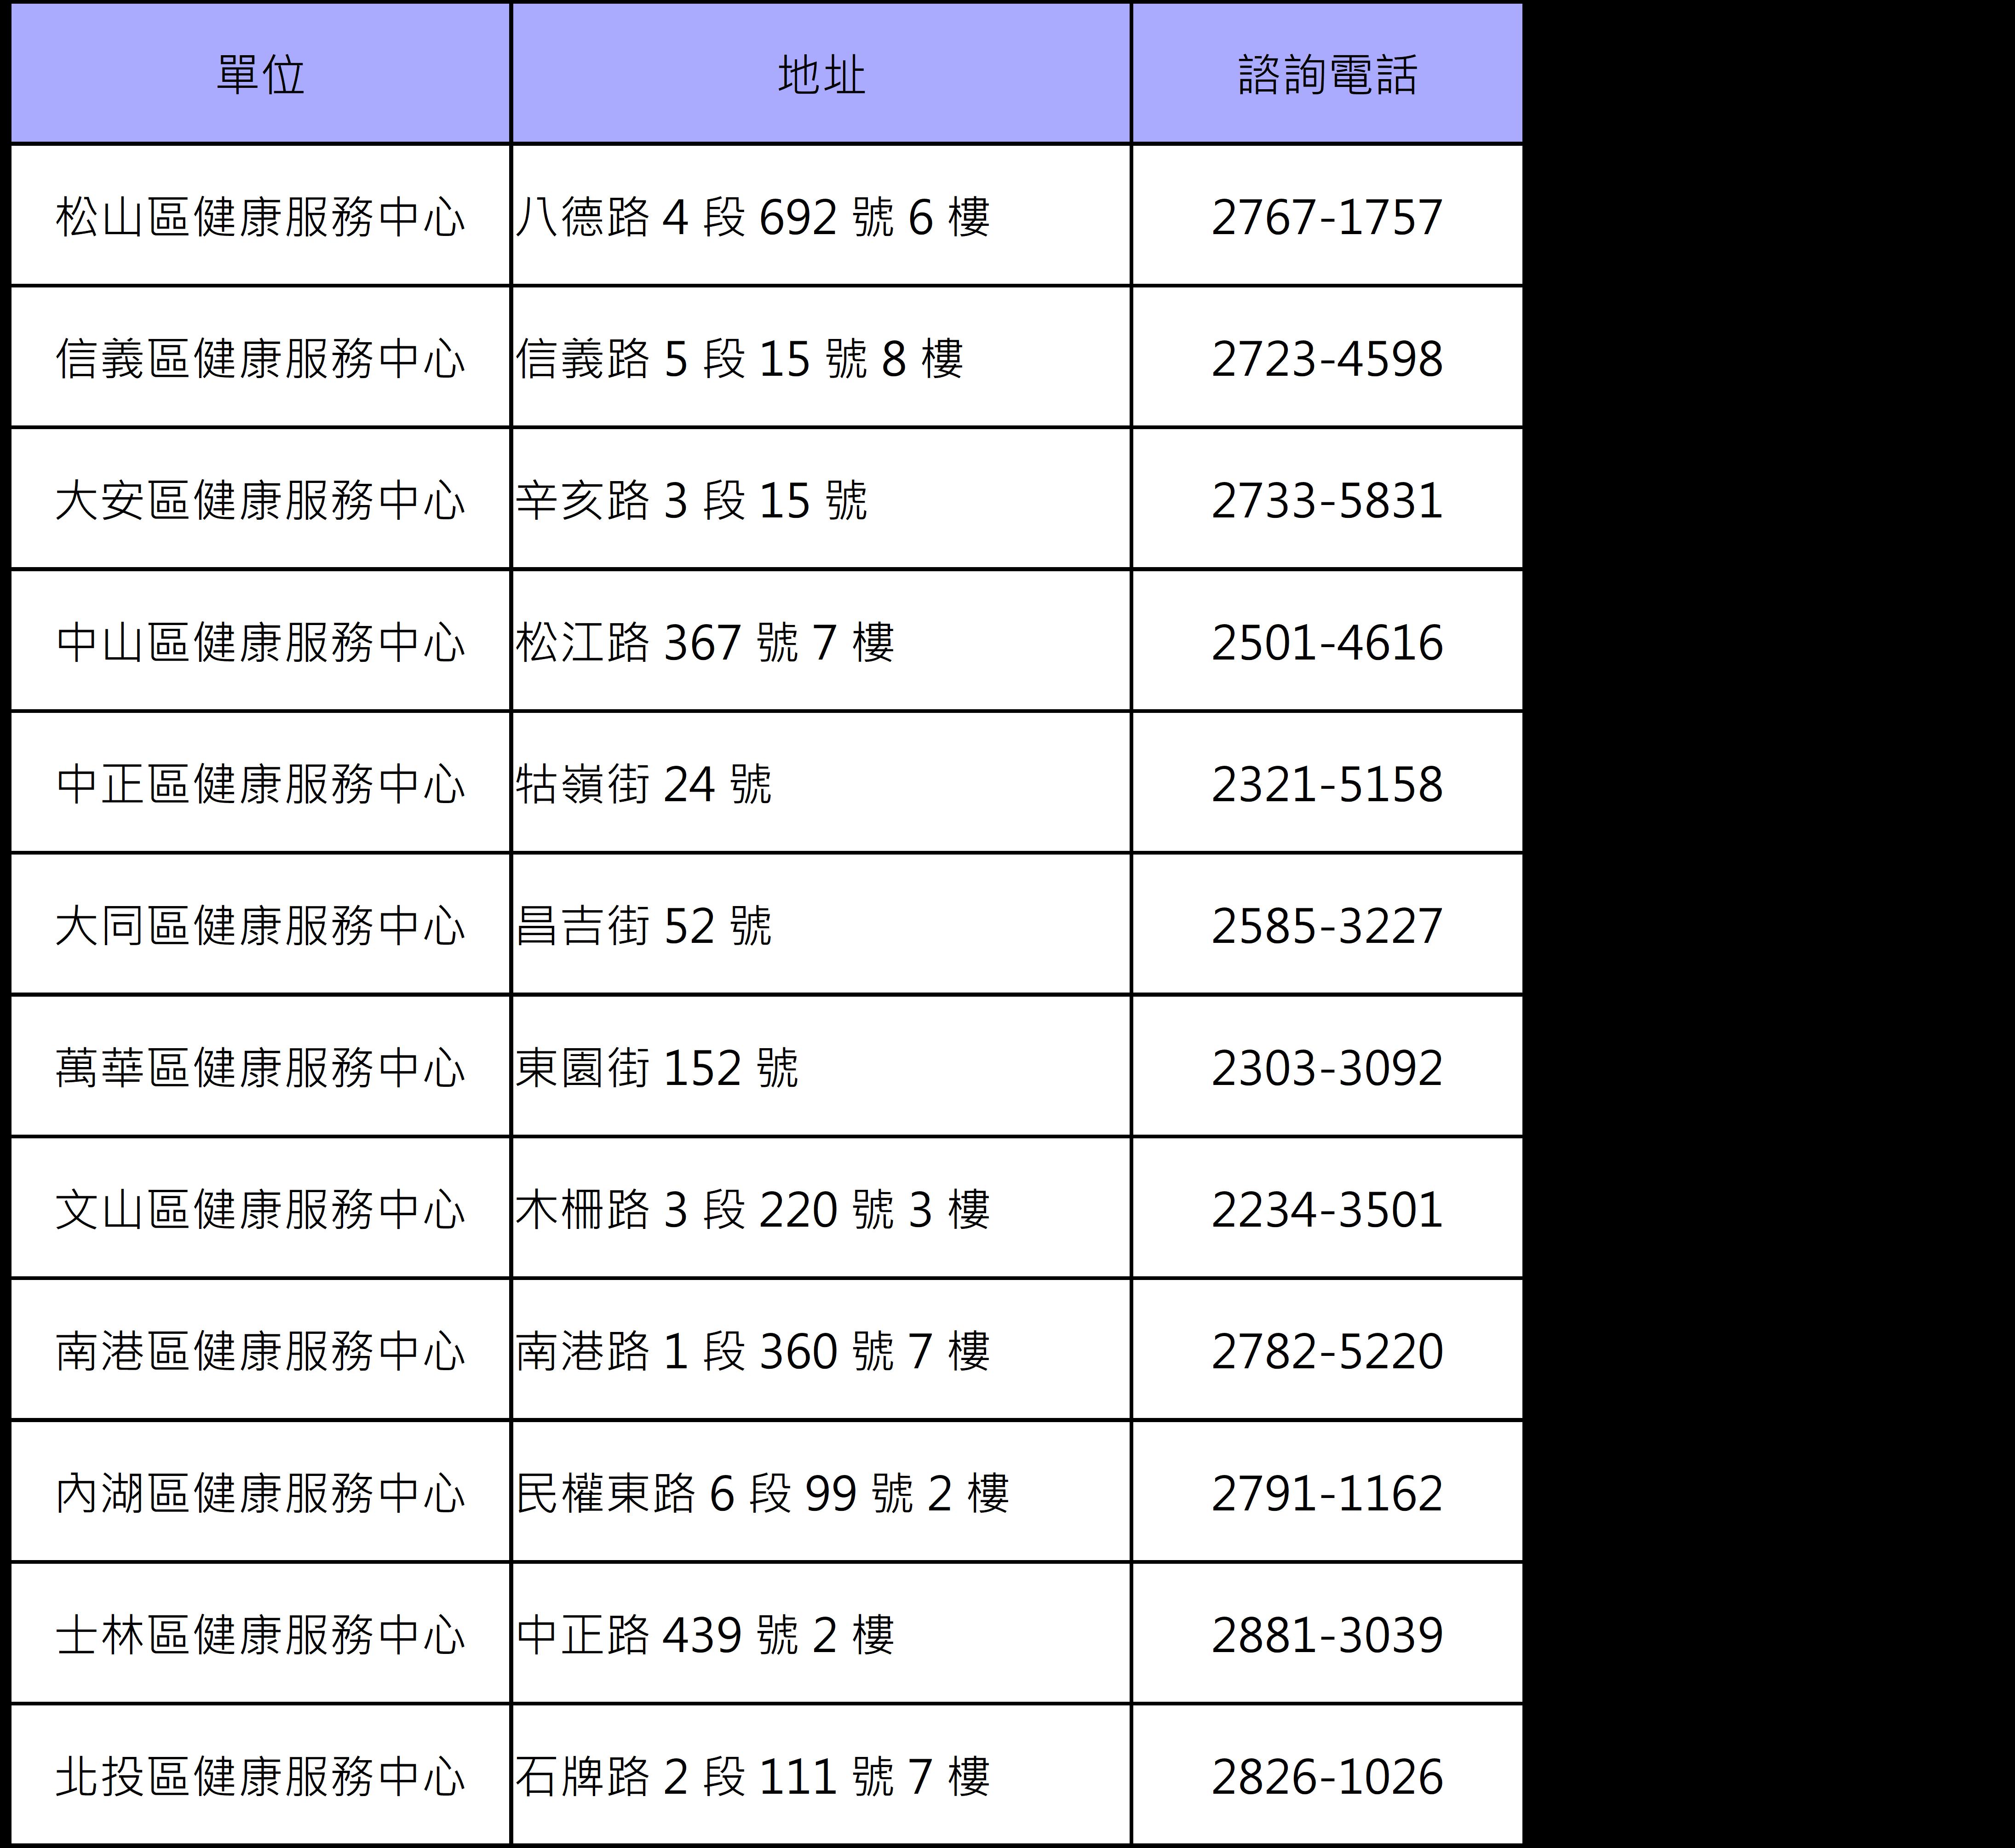 臺北市十二行政區健康服務中心